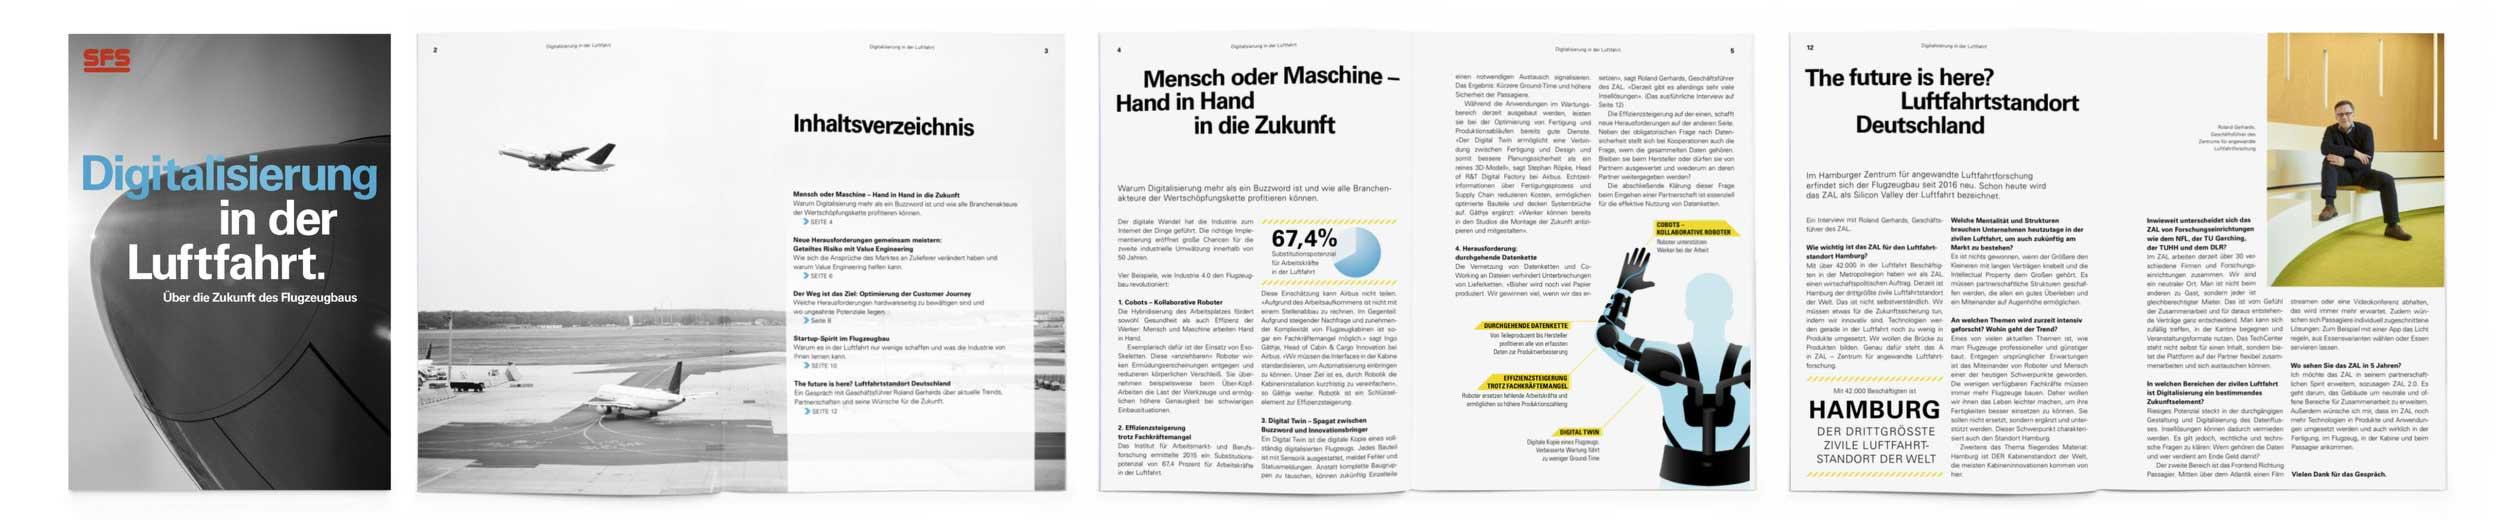 """Ausschnitt aus dem Whitepaper """"Digitalisierung in der Luftfahrt. Über die Zukunft des Flugzeugbaus"""" für SFS Aircraft Components"""